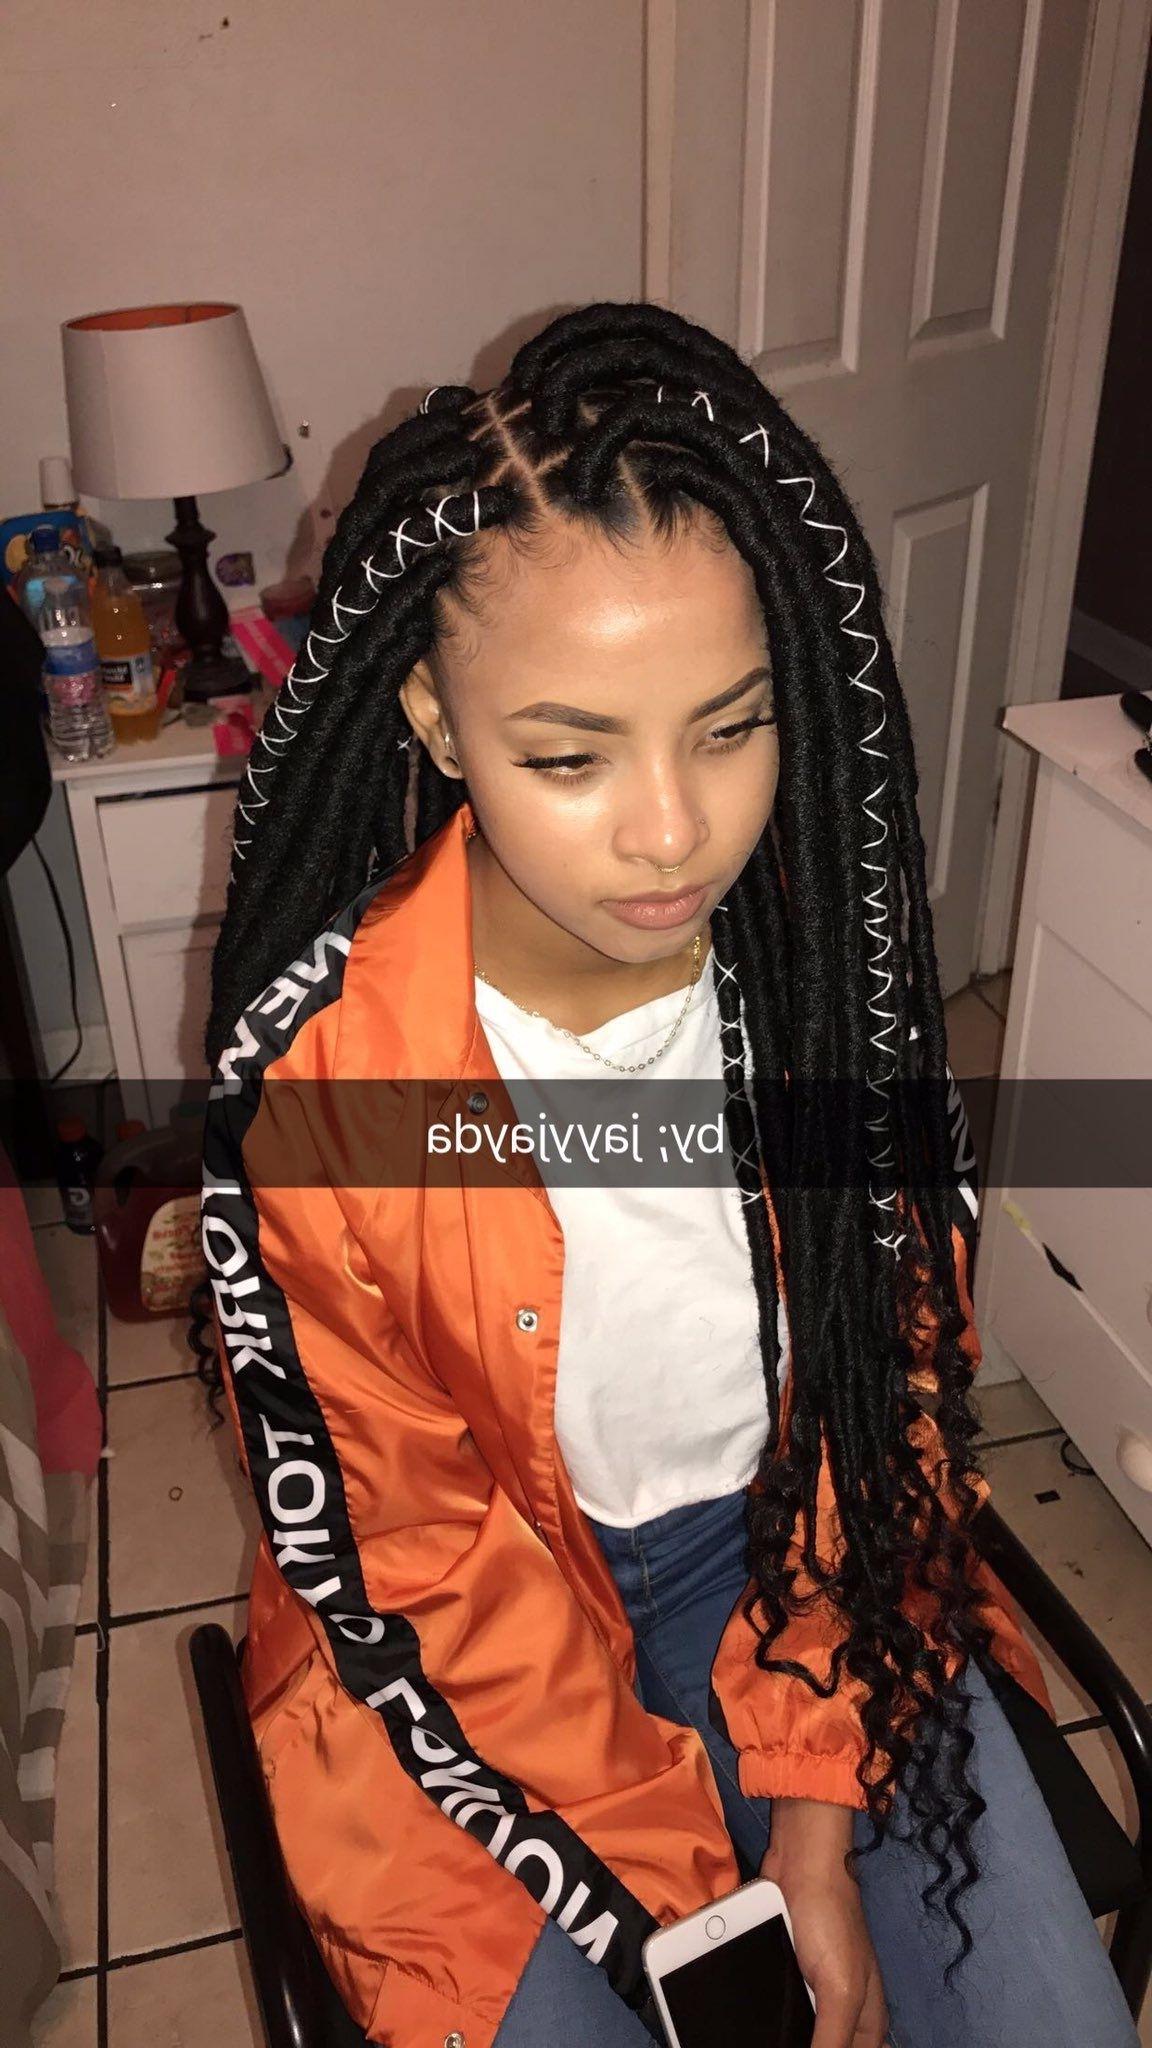 ♡В͙r̸͙a̸͙ι͙d̸͙ѕ͙ Т͙w̸͙ι͙ѕ͙т͙ Pertaining To Trendy Braided Hairstyles For Black Girl (View 13 of 15)